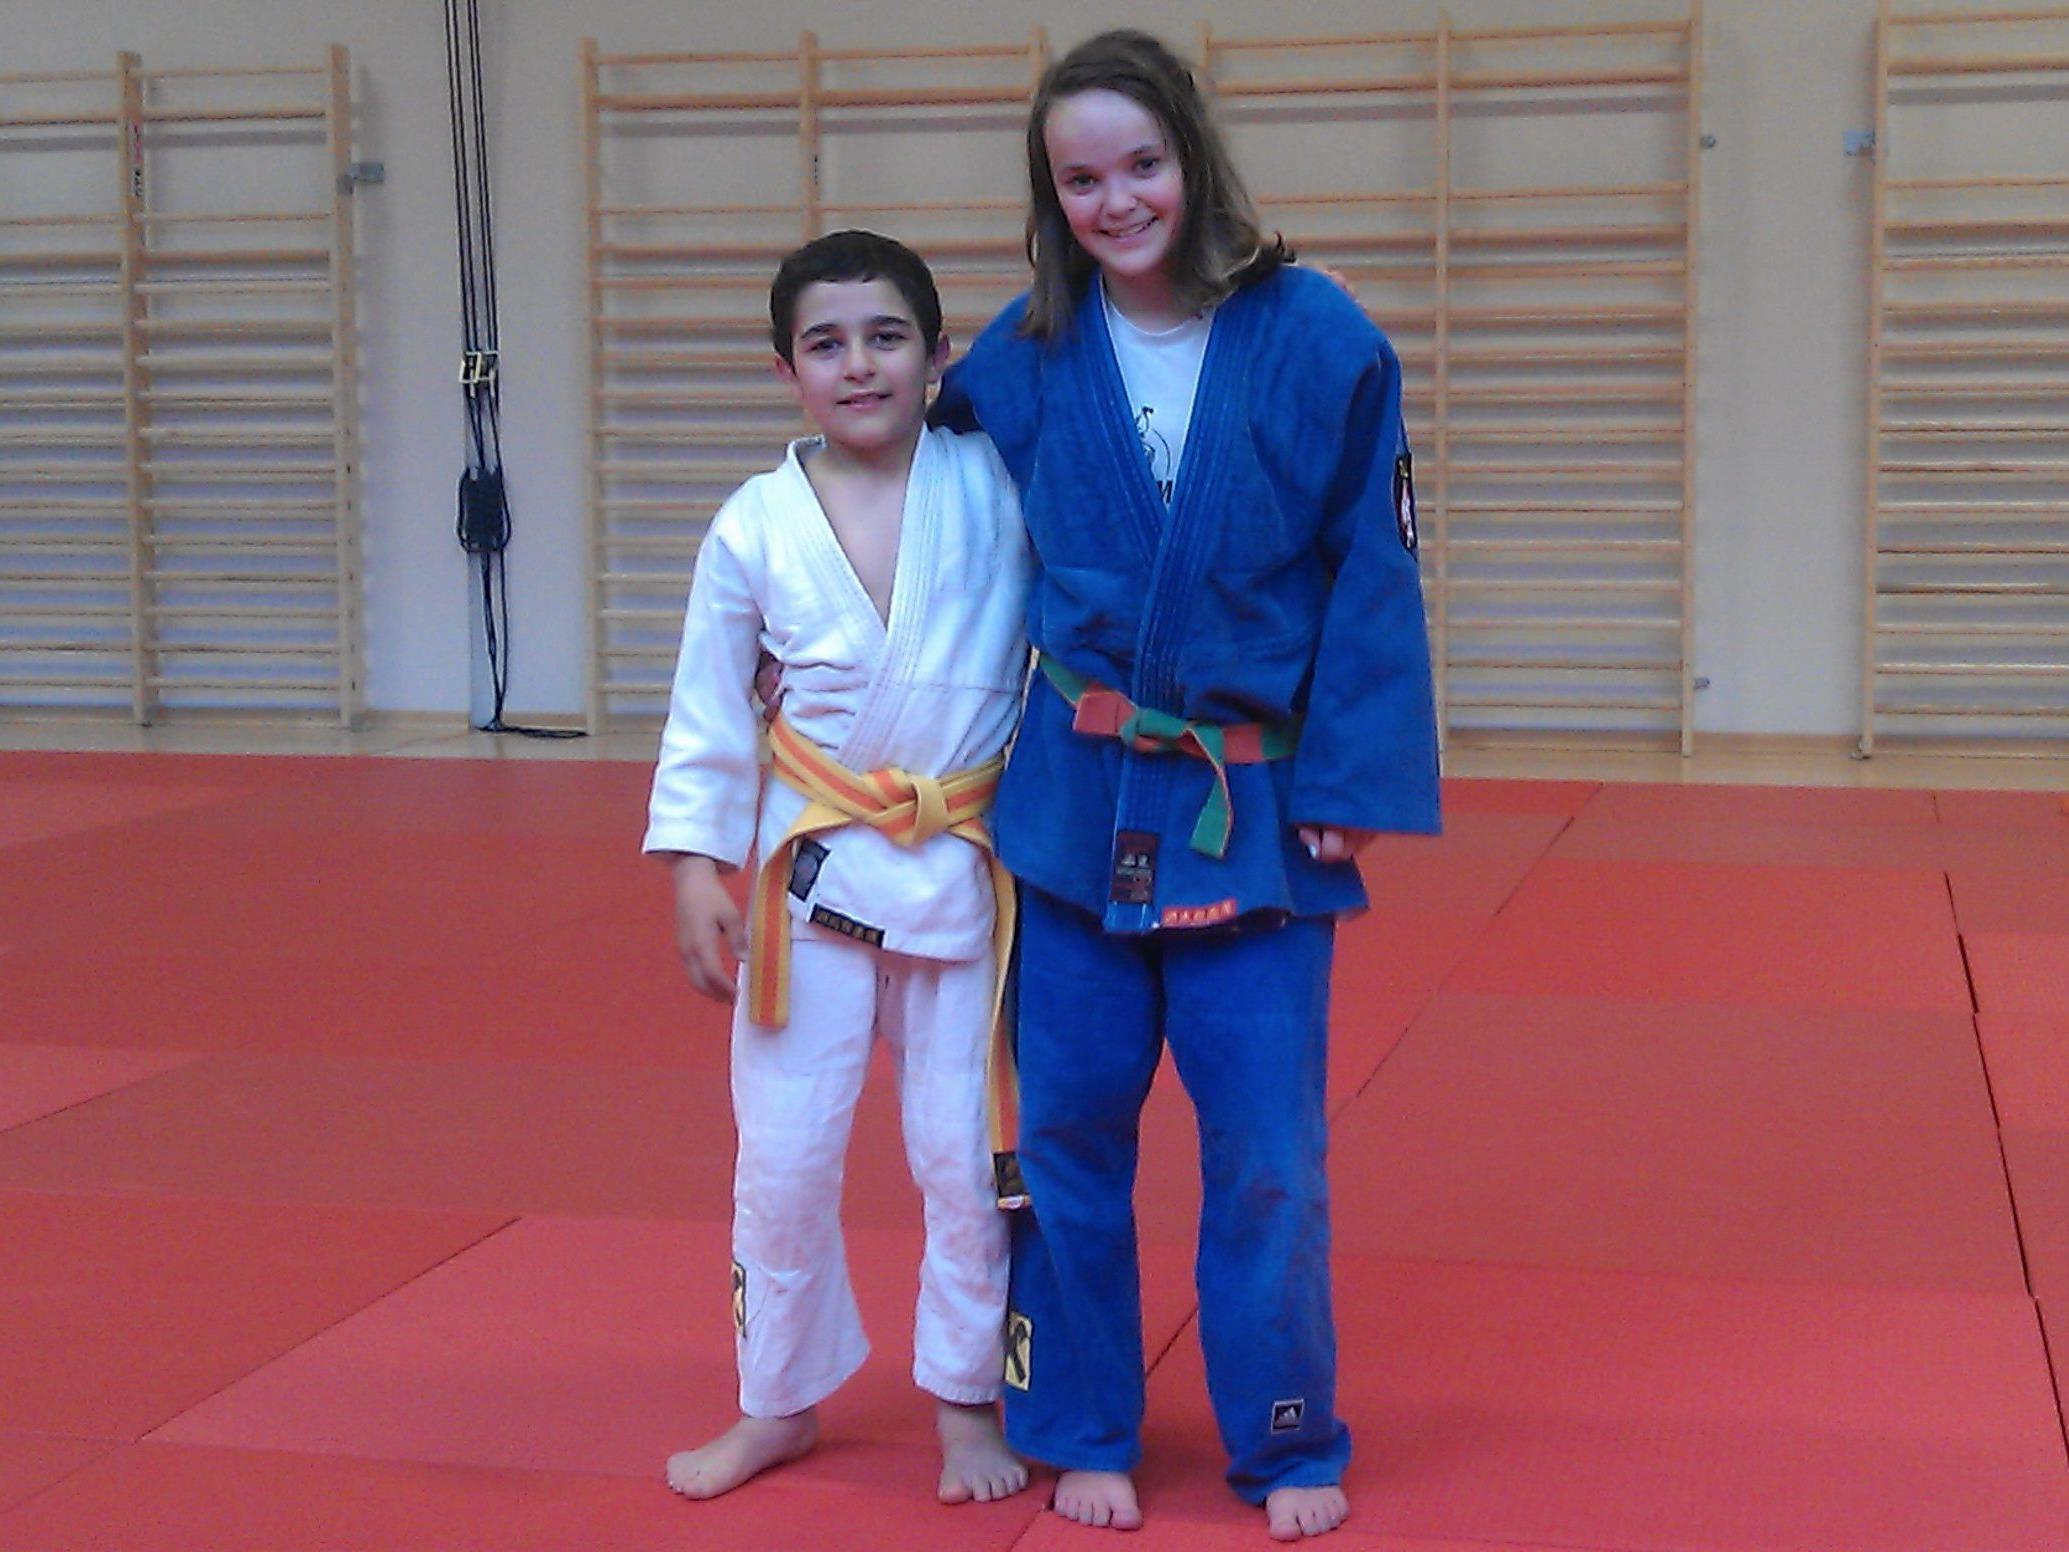 Watche Adamjan und Tamara Sauerwein zeigen ihre Stärke bei wichtigen Wettkämpfen